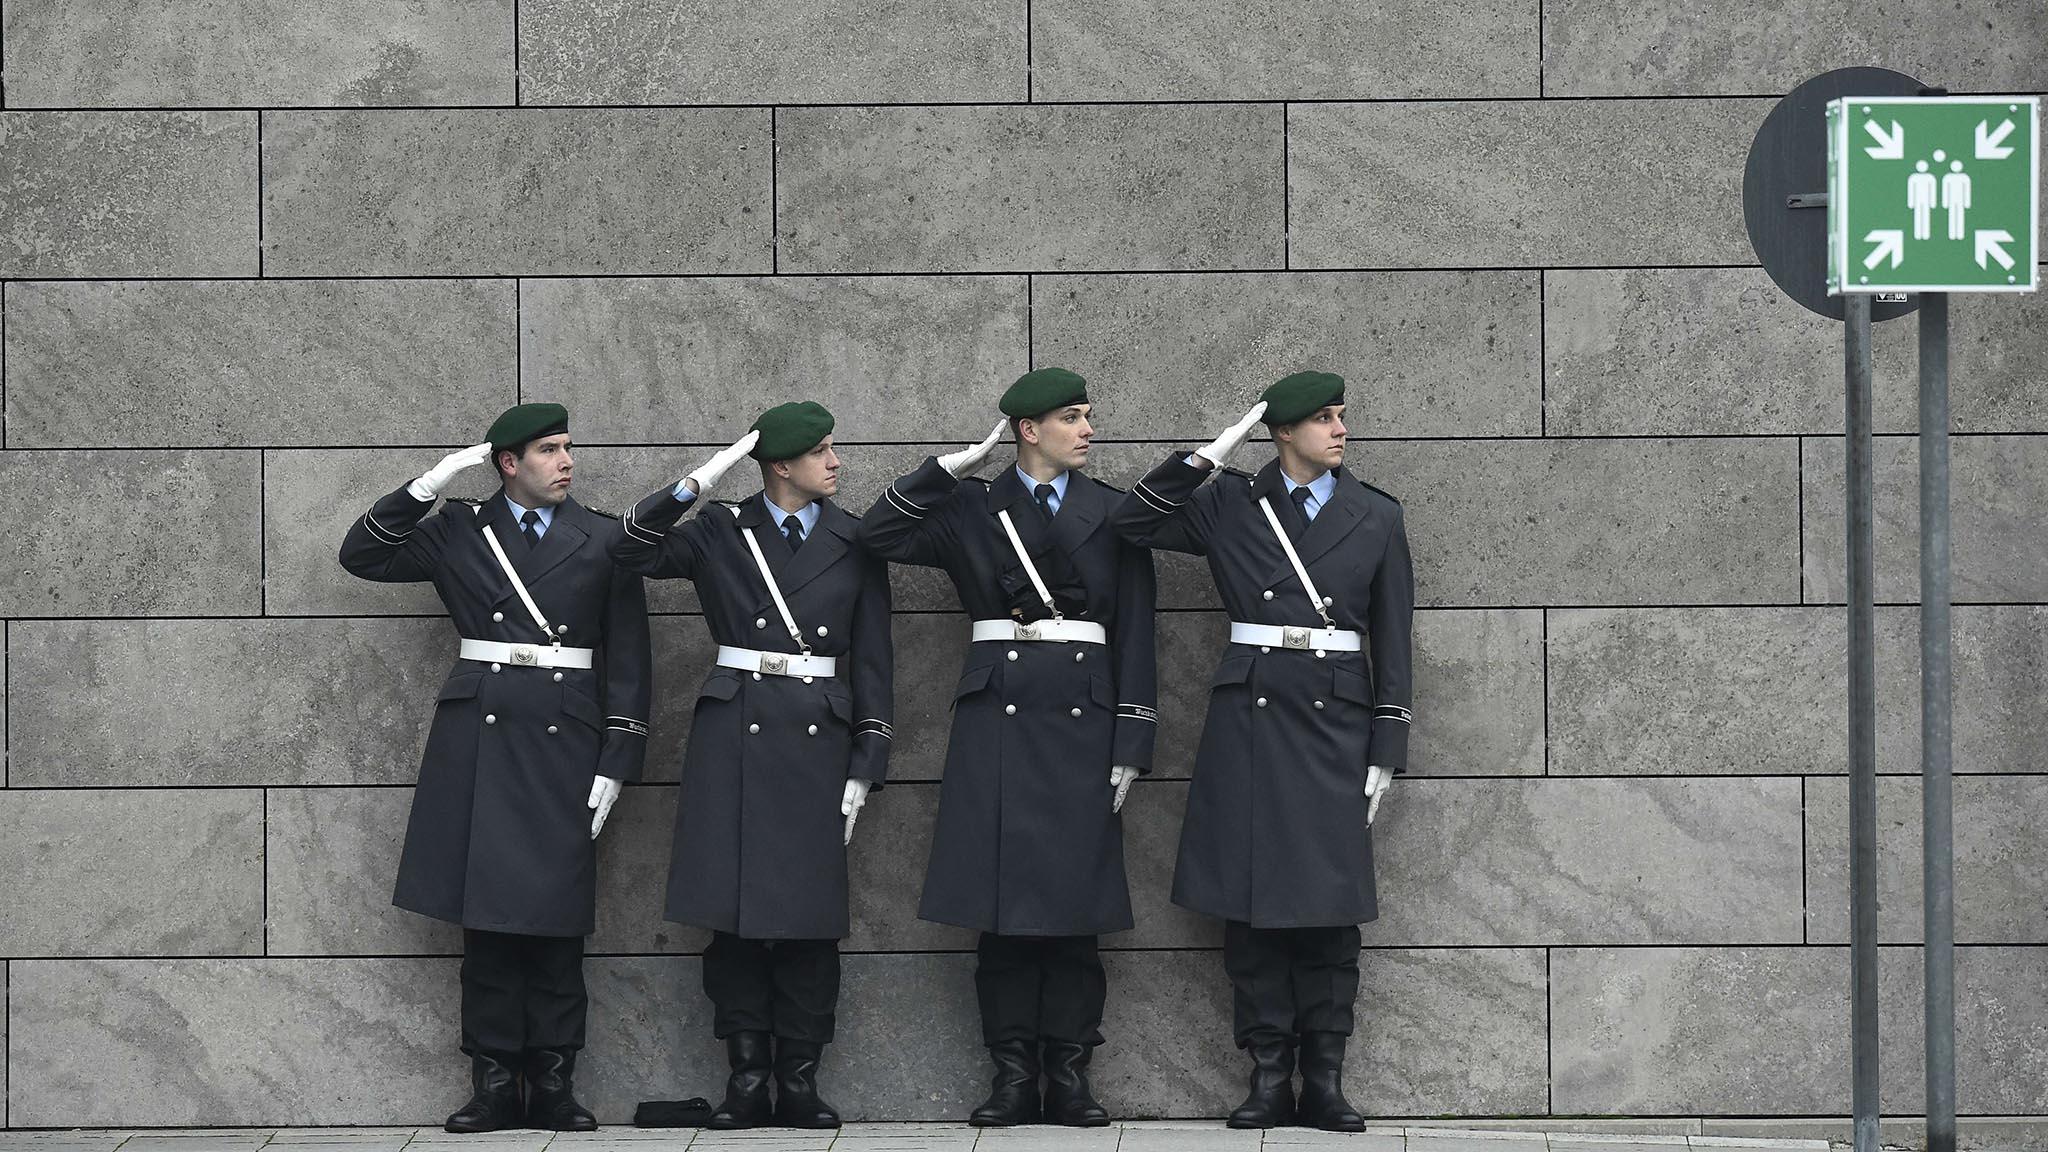 German Bundeswehr soldiers of an honor